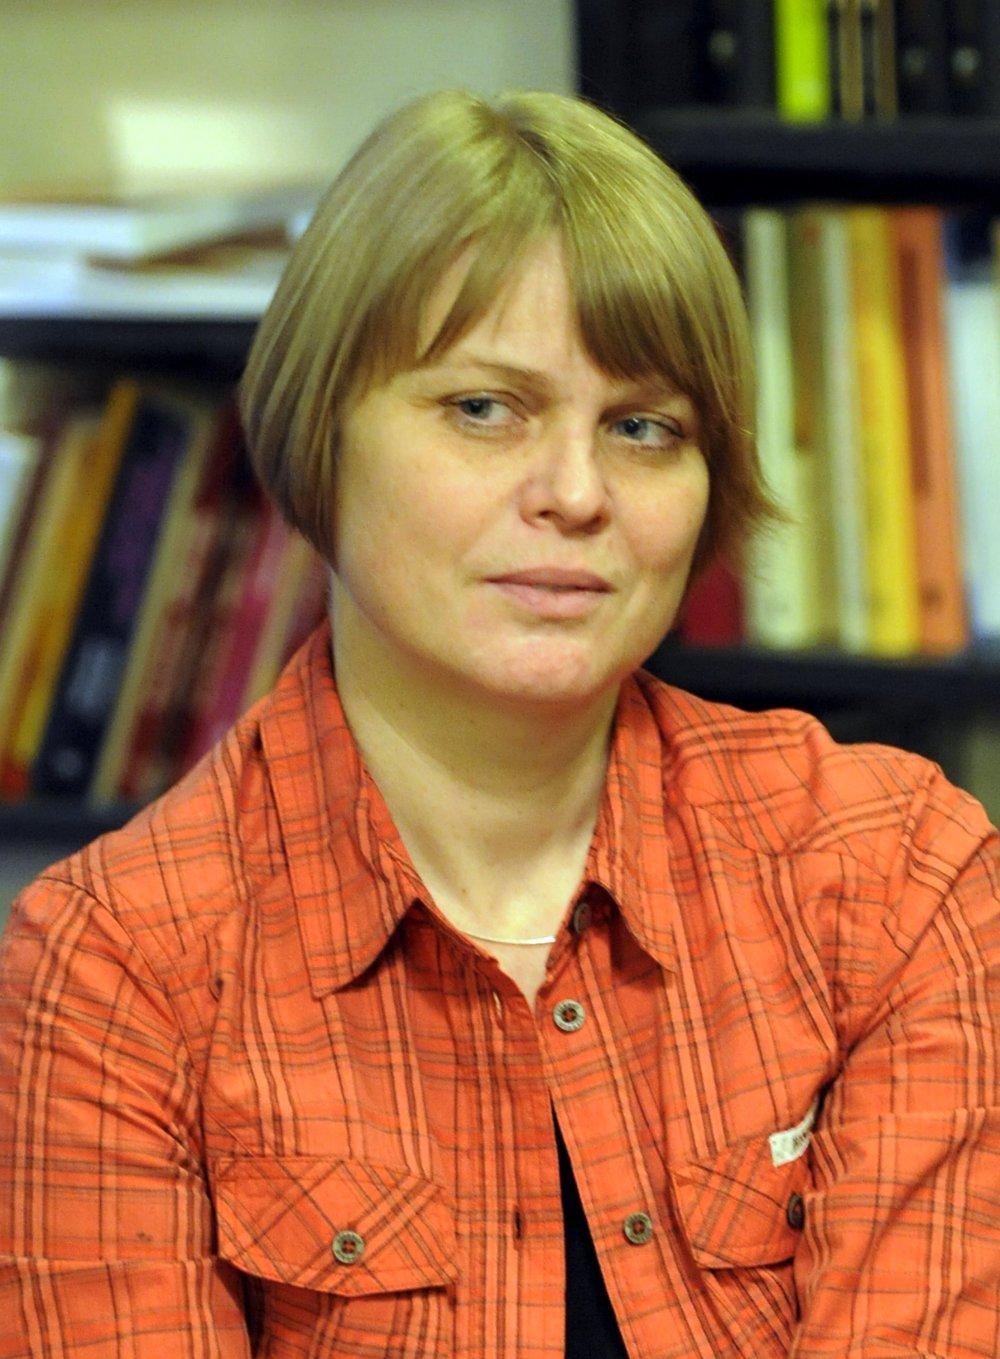 V Bratislave sa 14. marca 2009 uskutoènil celodenný kultúrny protest proti propagácii totality a fašizmu. Slovensko si dnes pripomína 70. výroèie vzniku prvej Slovenskej republiky.Na snímke diskusné stretnutie v bratislavskom kníhkupectve Artfórum na Kozej ulici. Na snímke etnologièka Monika Vrzgulová. FOTO TASR - Štefan Puškᚠ*** Local Caption *** odvrátená tvár 14. marec 1939